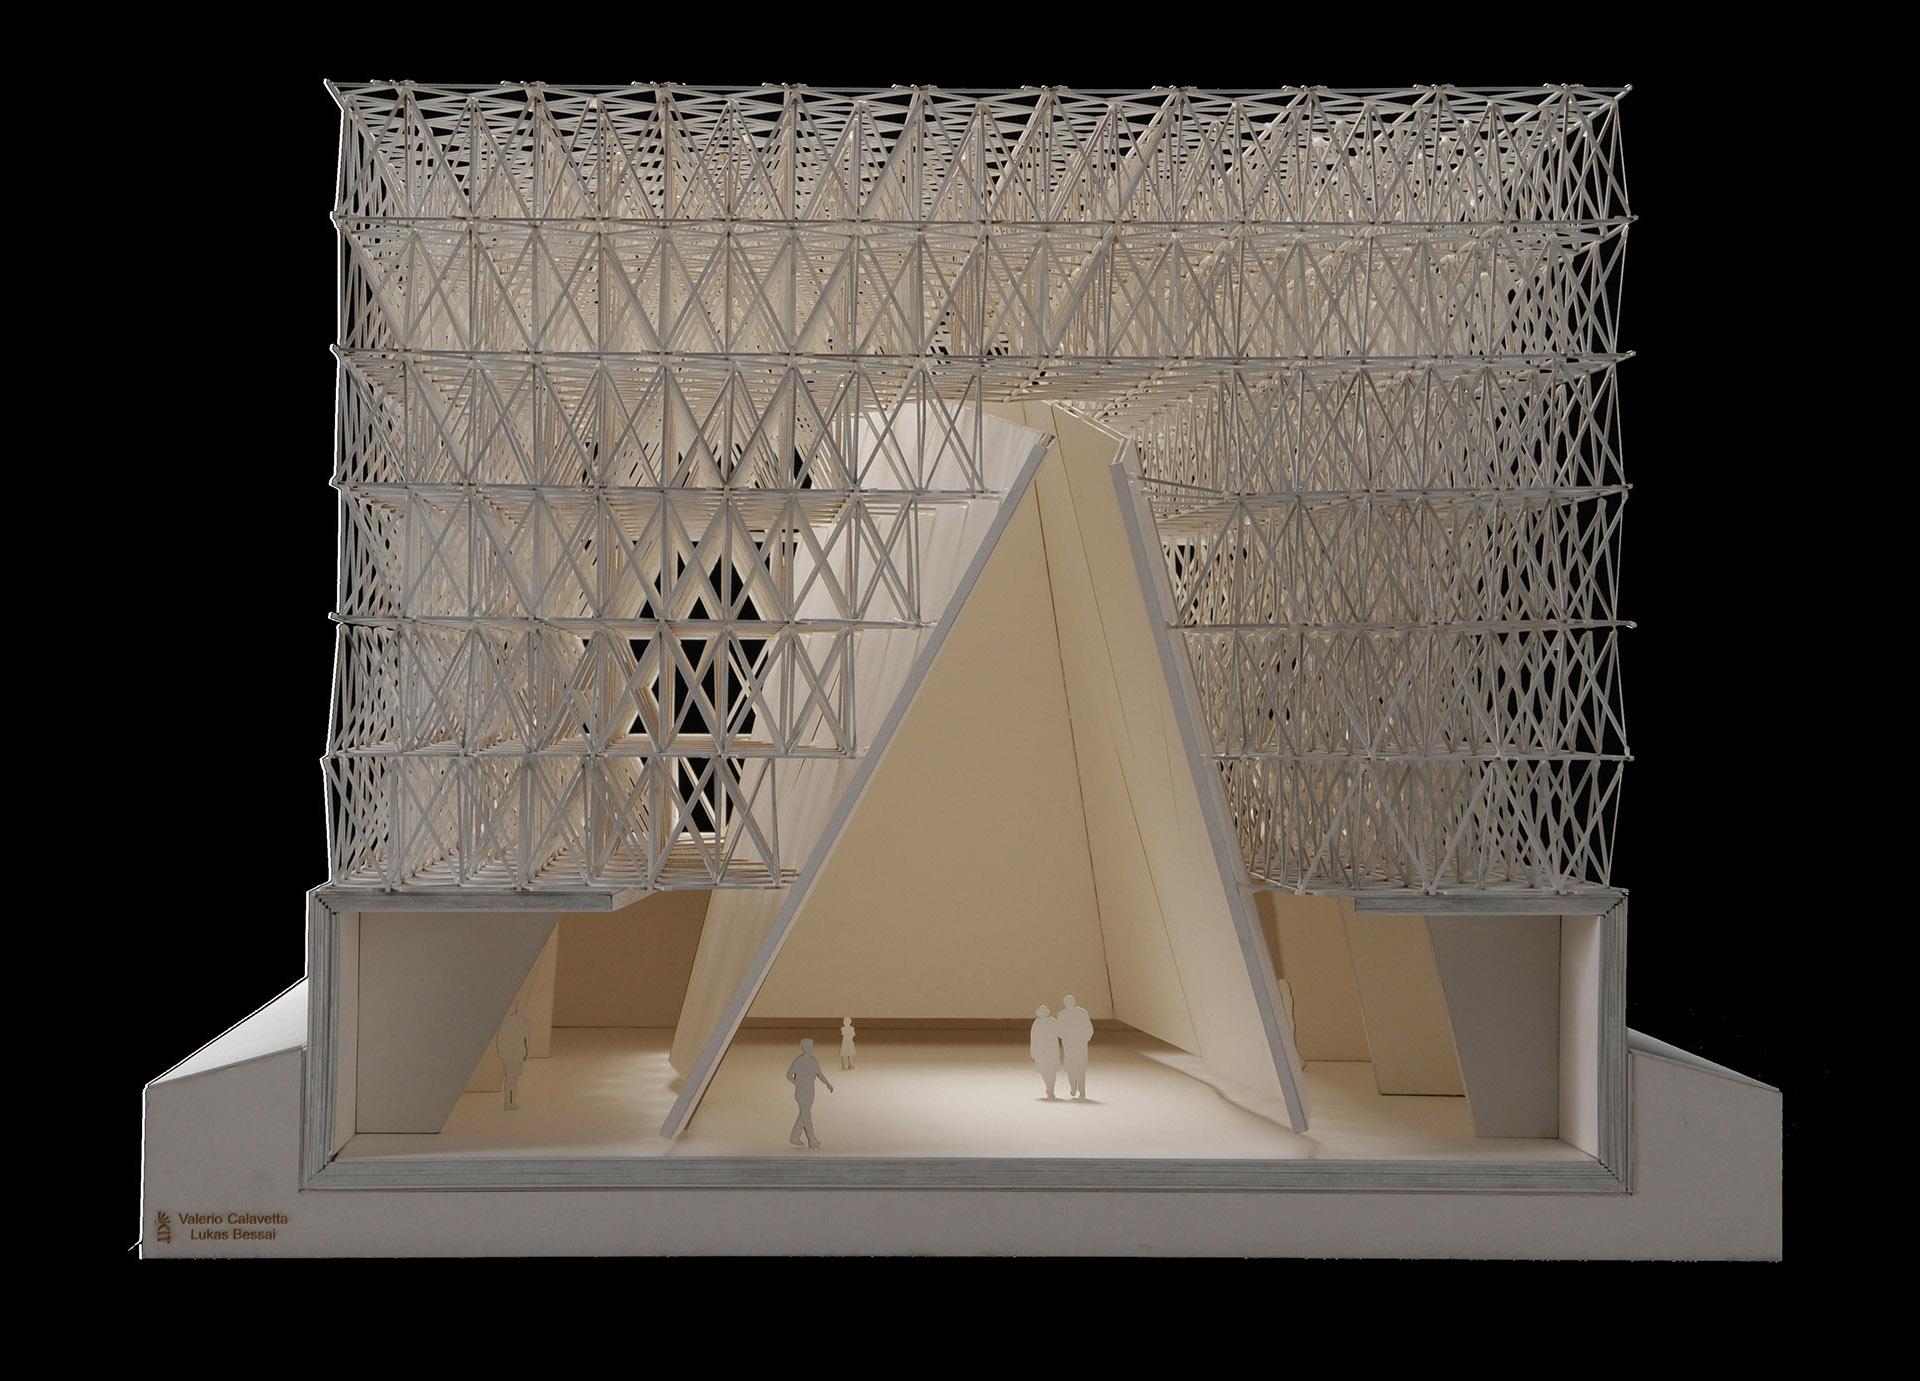 Biennale Venedig 2012